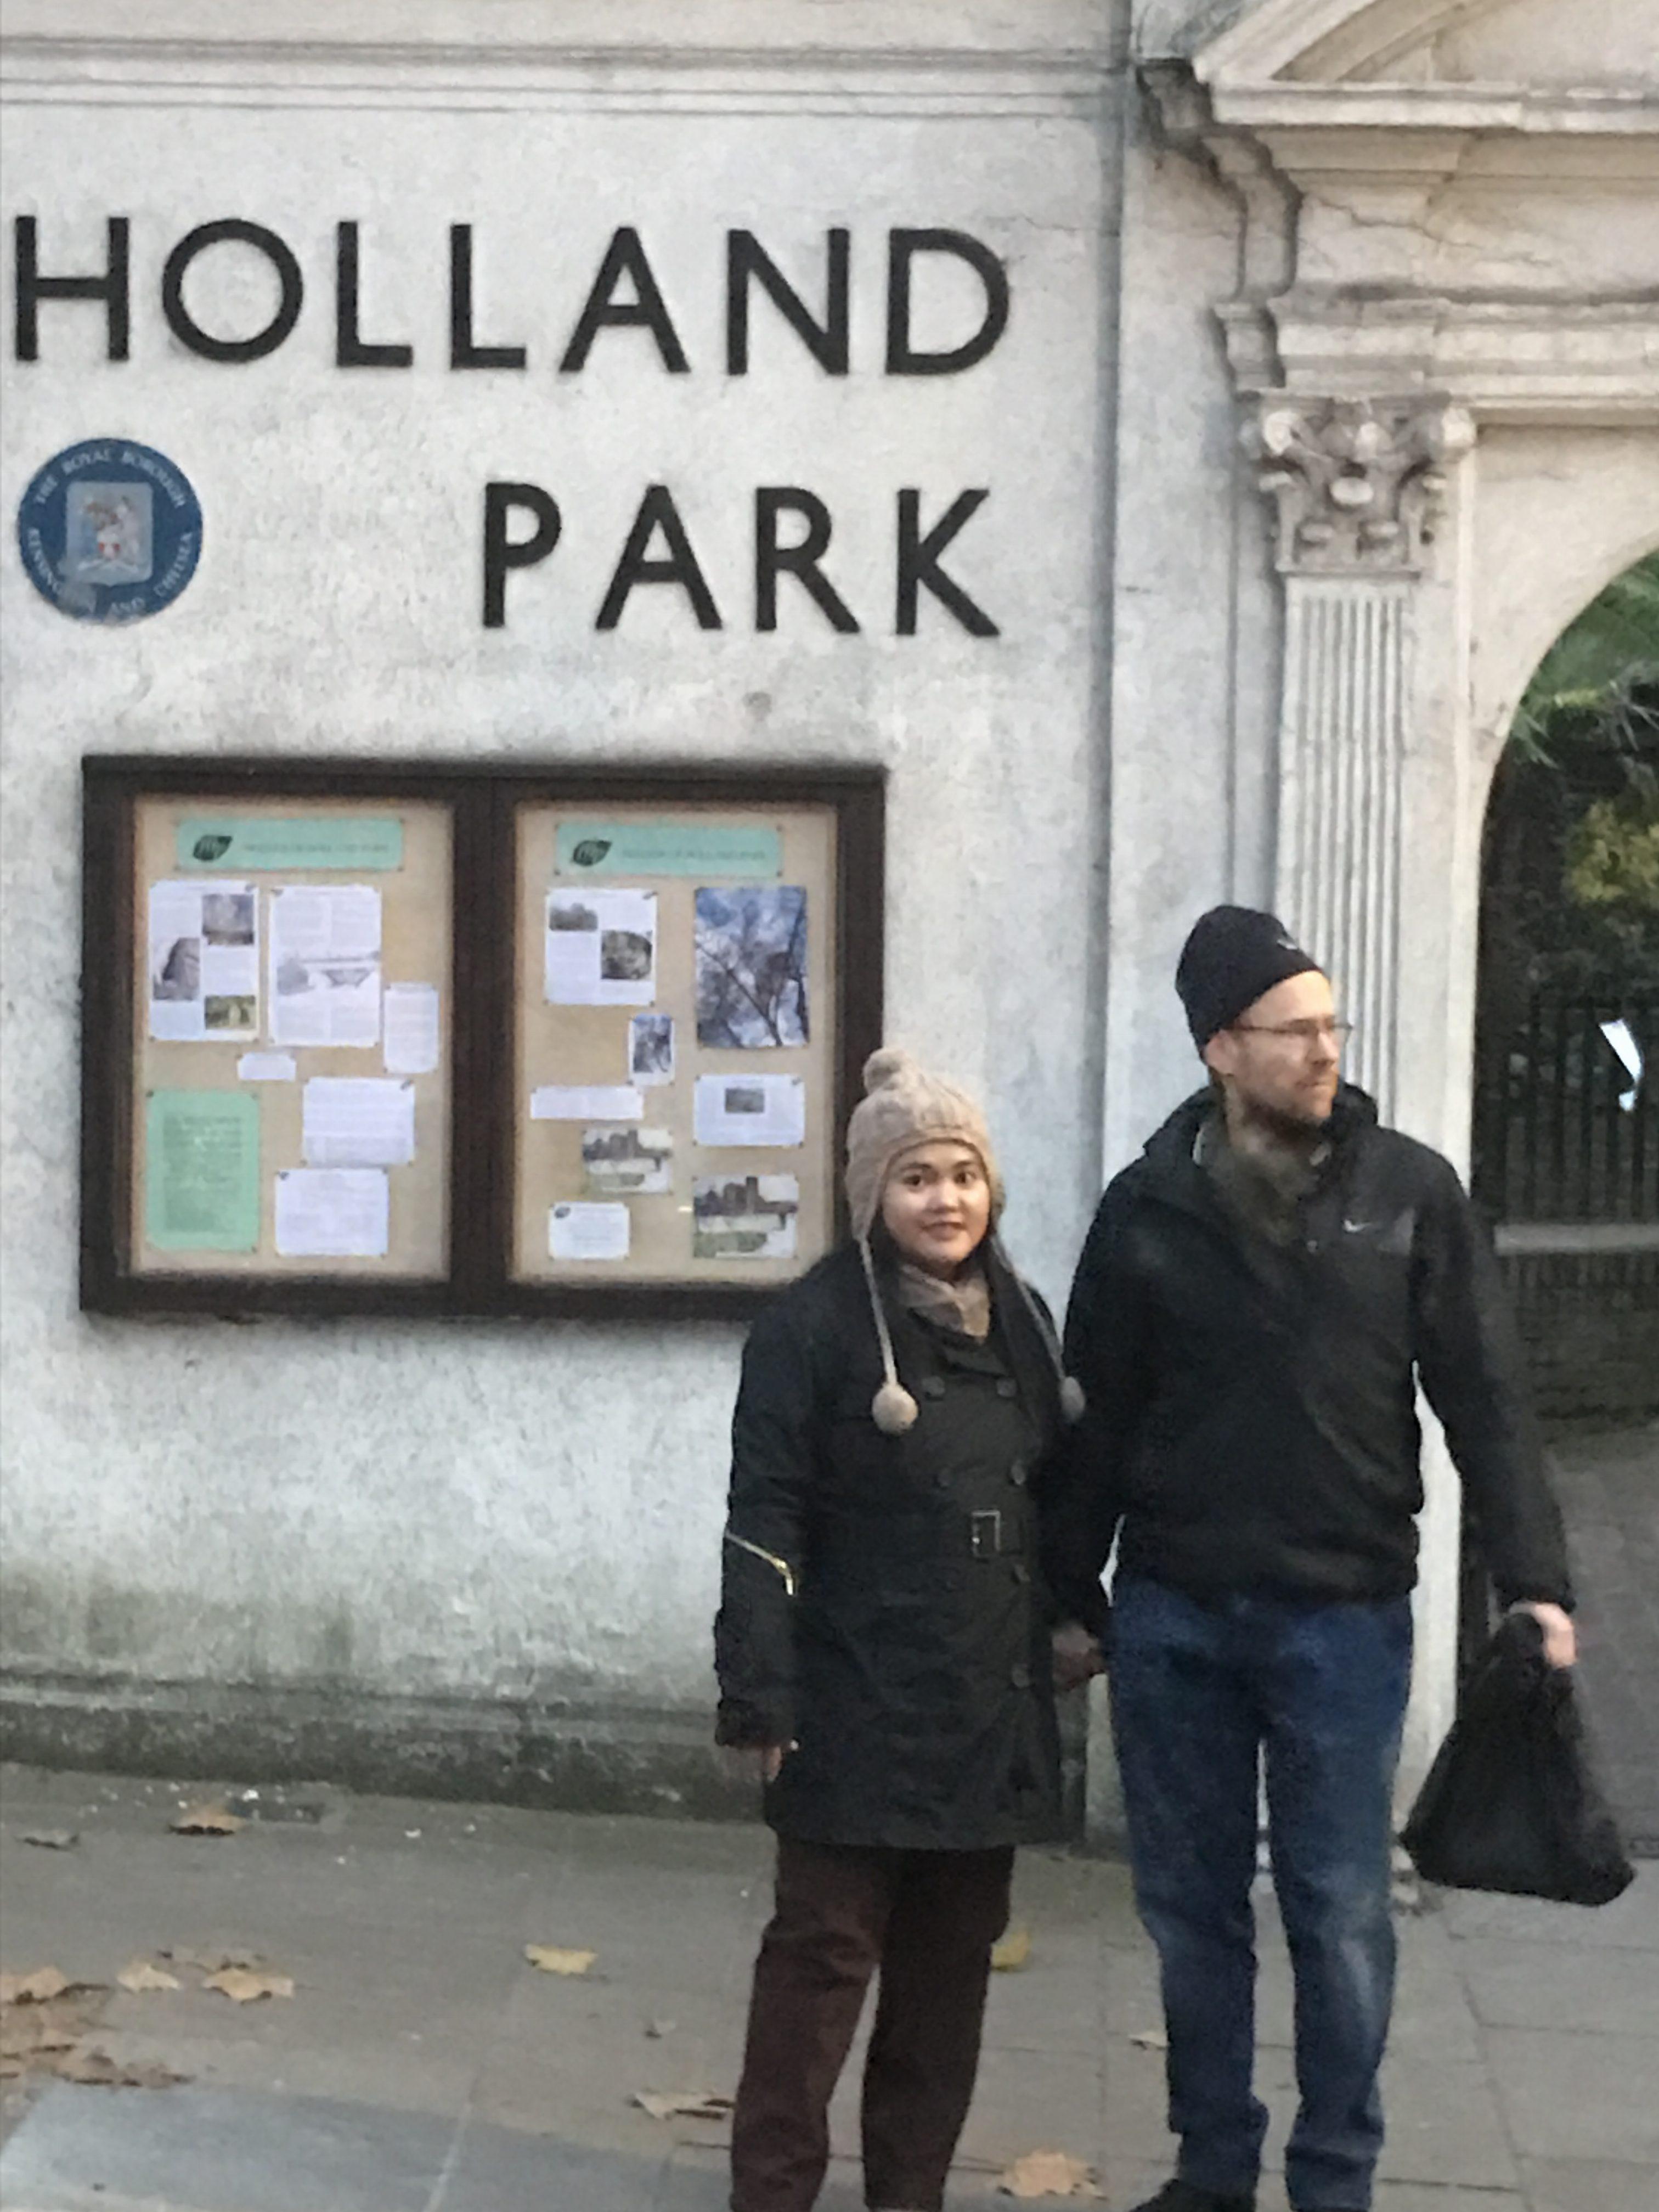 Londoni tévelygések (49.) Holland parki mókusok